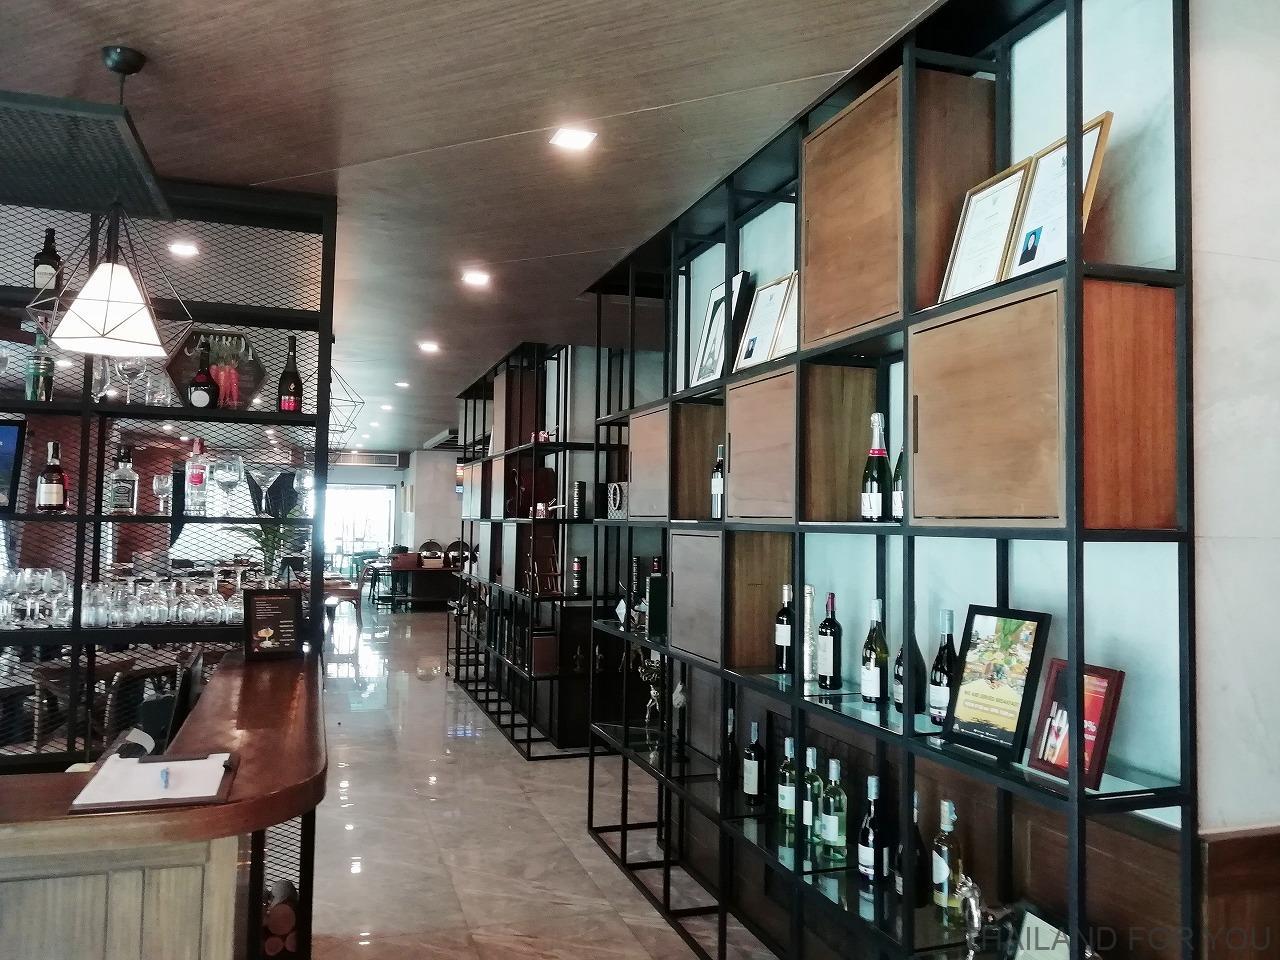 アクアホテル Acqua Hotel パタヤ レストラン